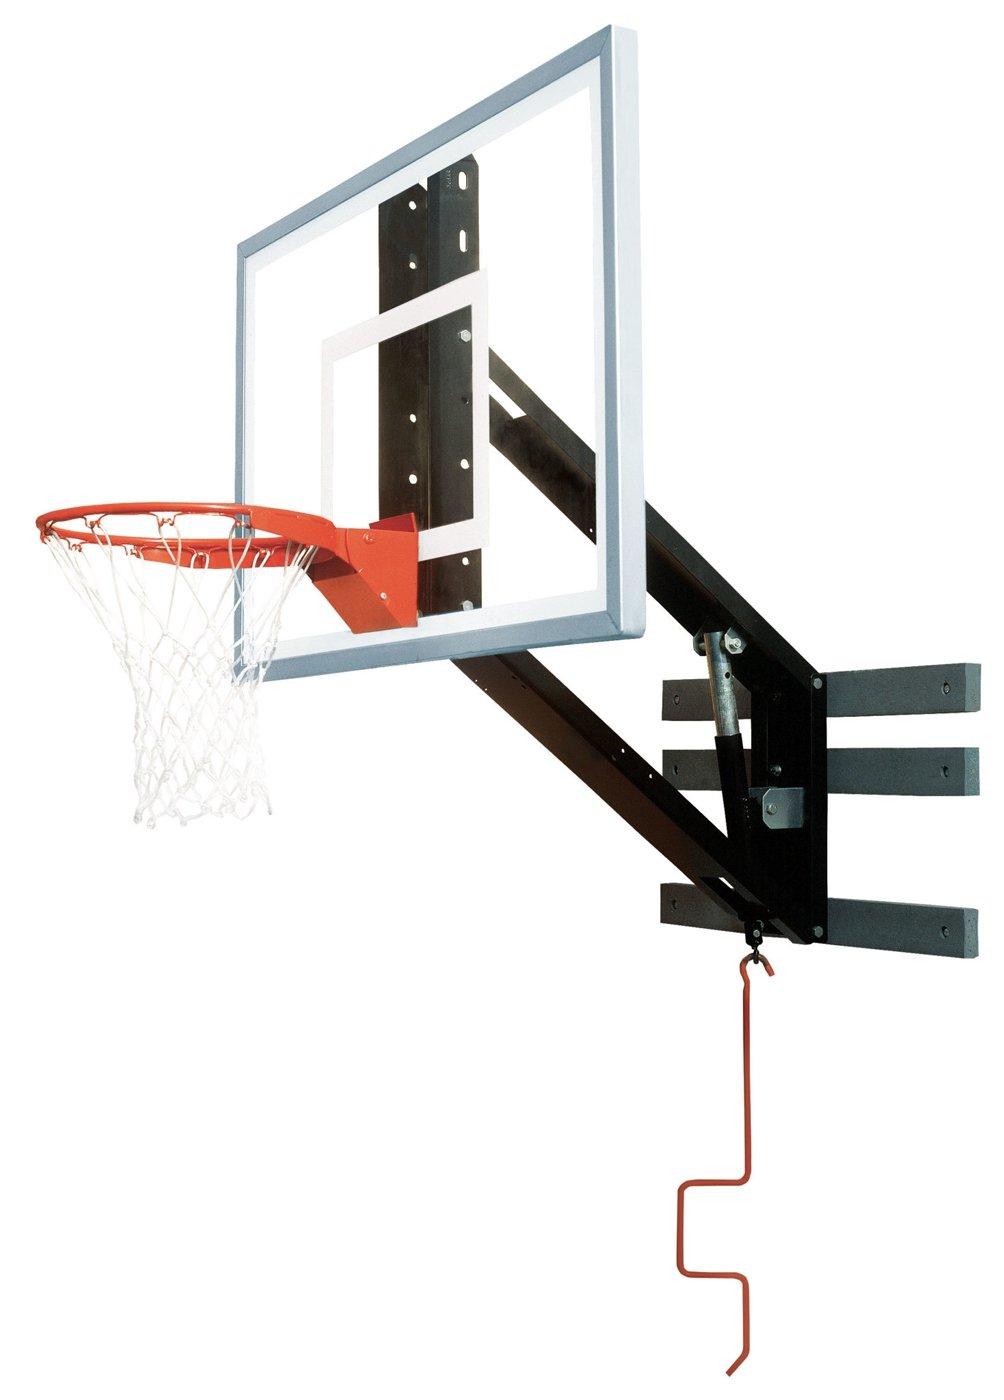 非売品 Bison pkg300 zipcrank壁マウント調整可能バスケットボールフープ B0000BZG5K, F-ROOM a103f571